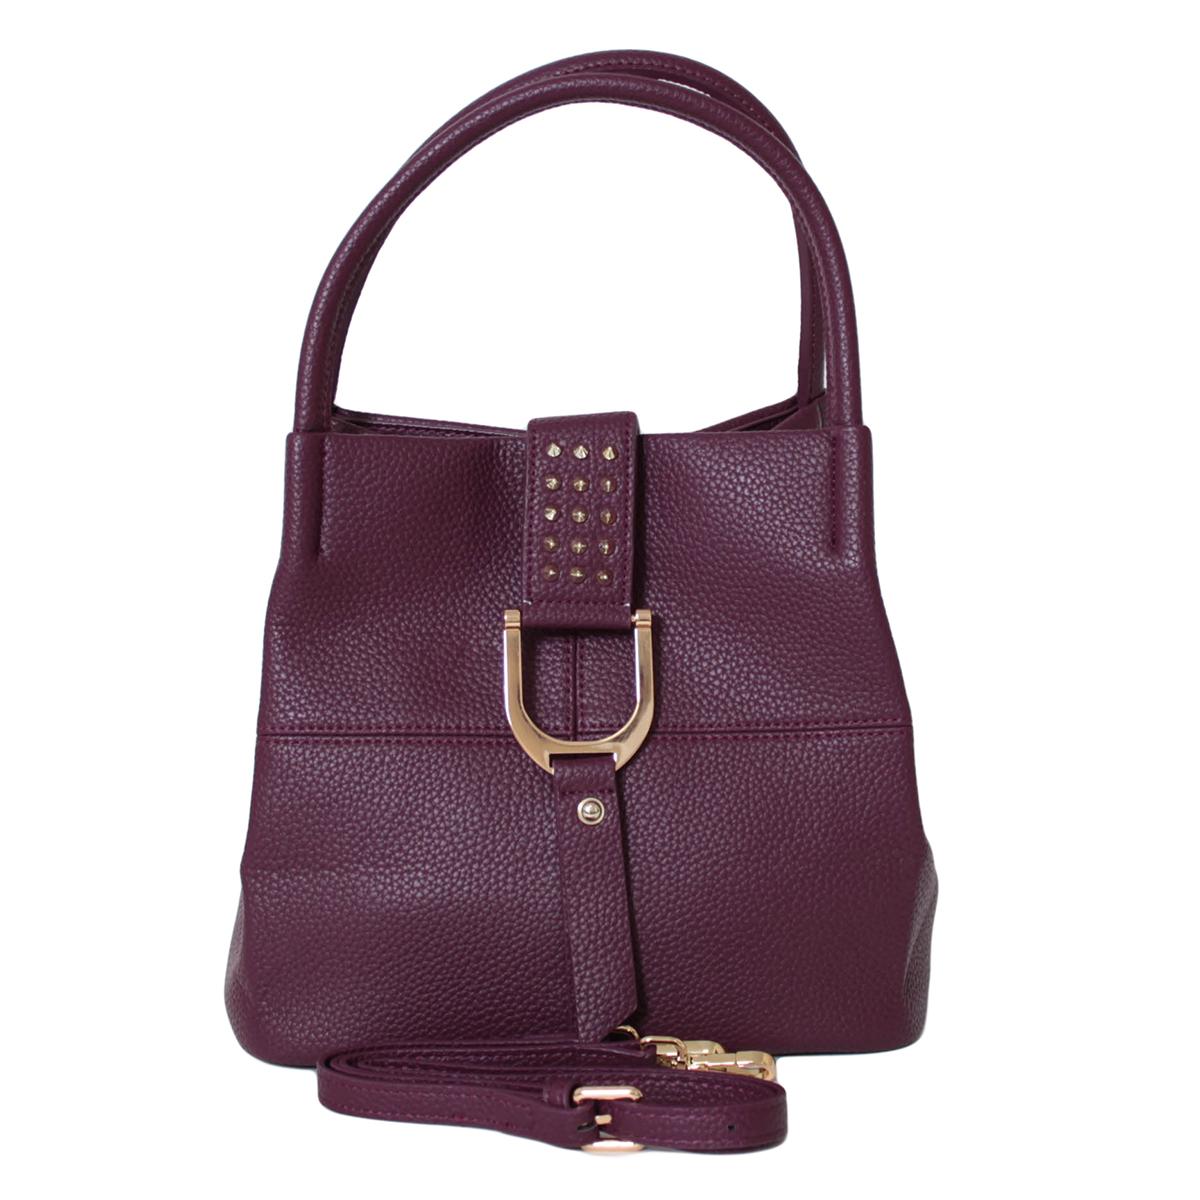 Сумка женская Flioraj, цвет: фиолетовый. 0005272100052721Закрывается на клапан. Внутри одно отделение, один карман на молнии и два открытых кармана. Есть длинный ремень.